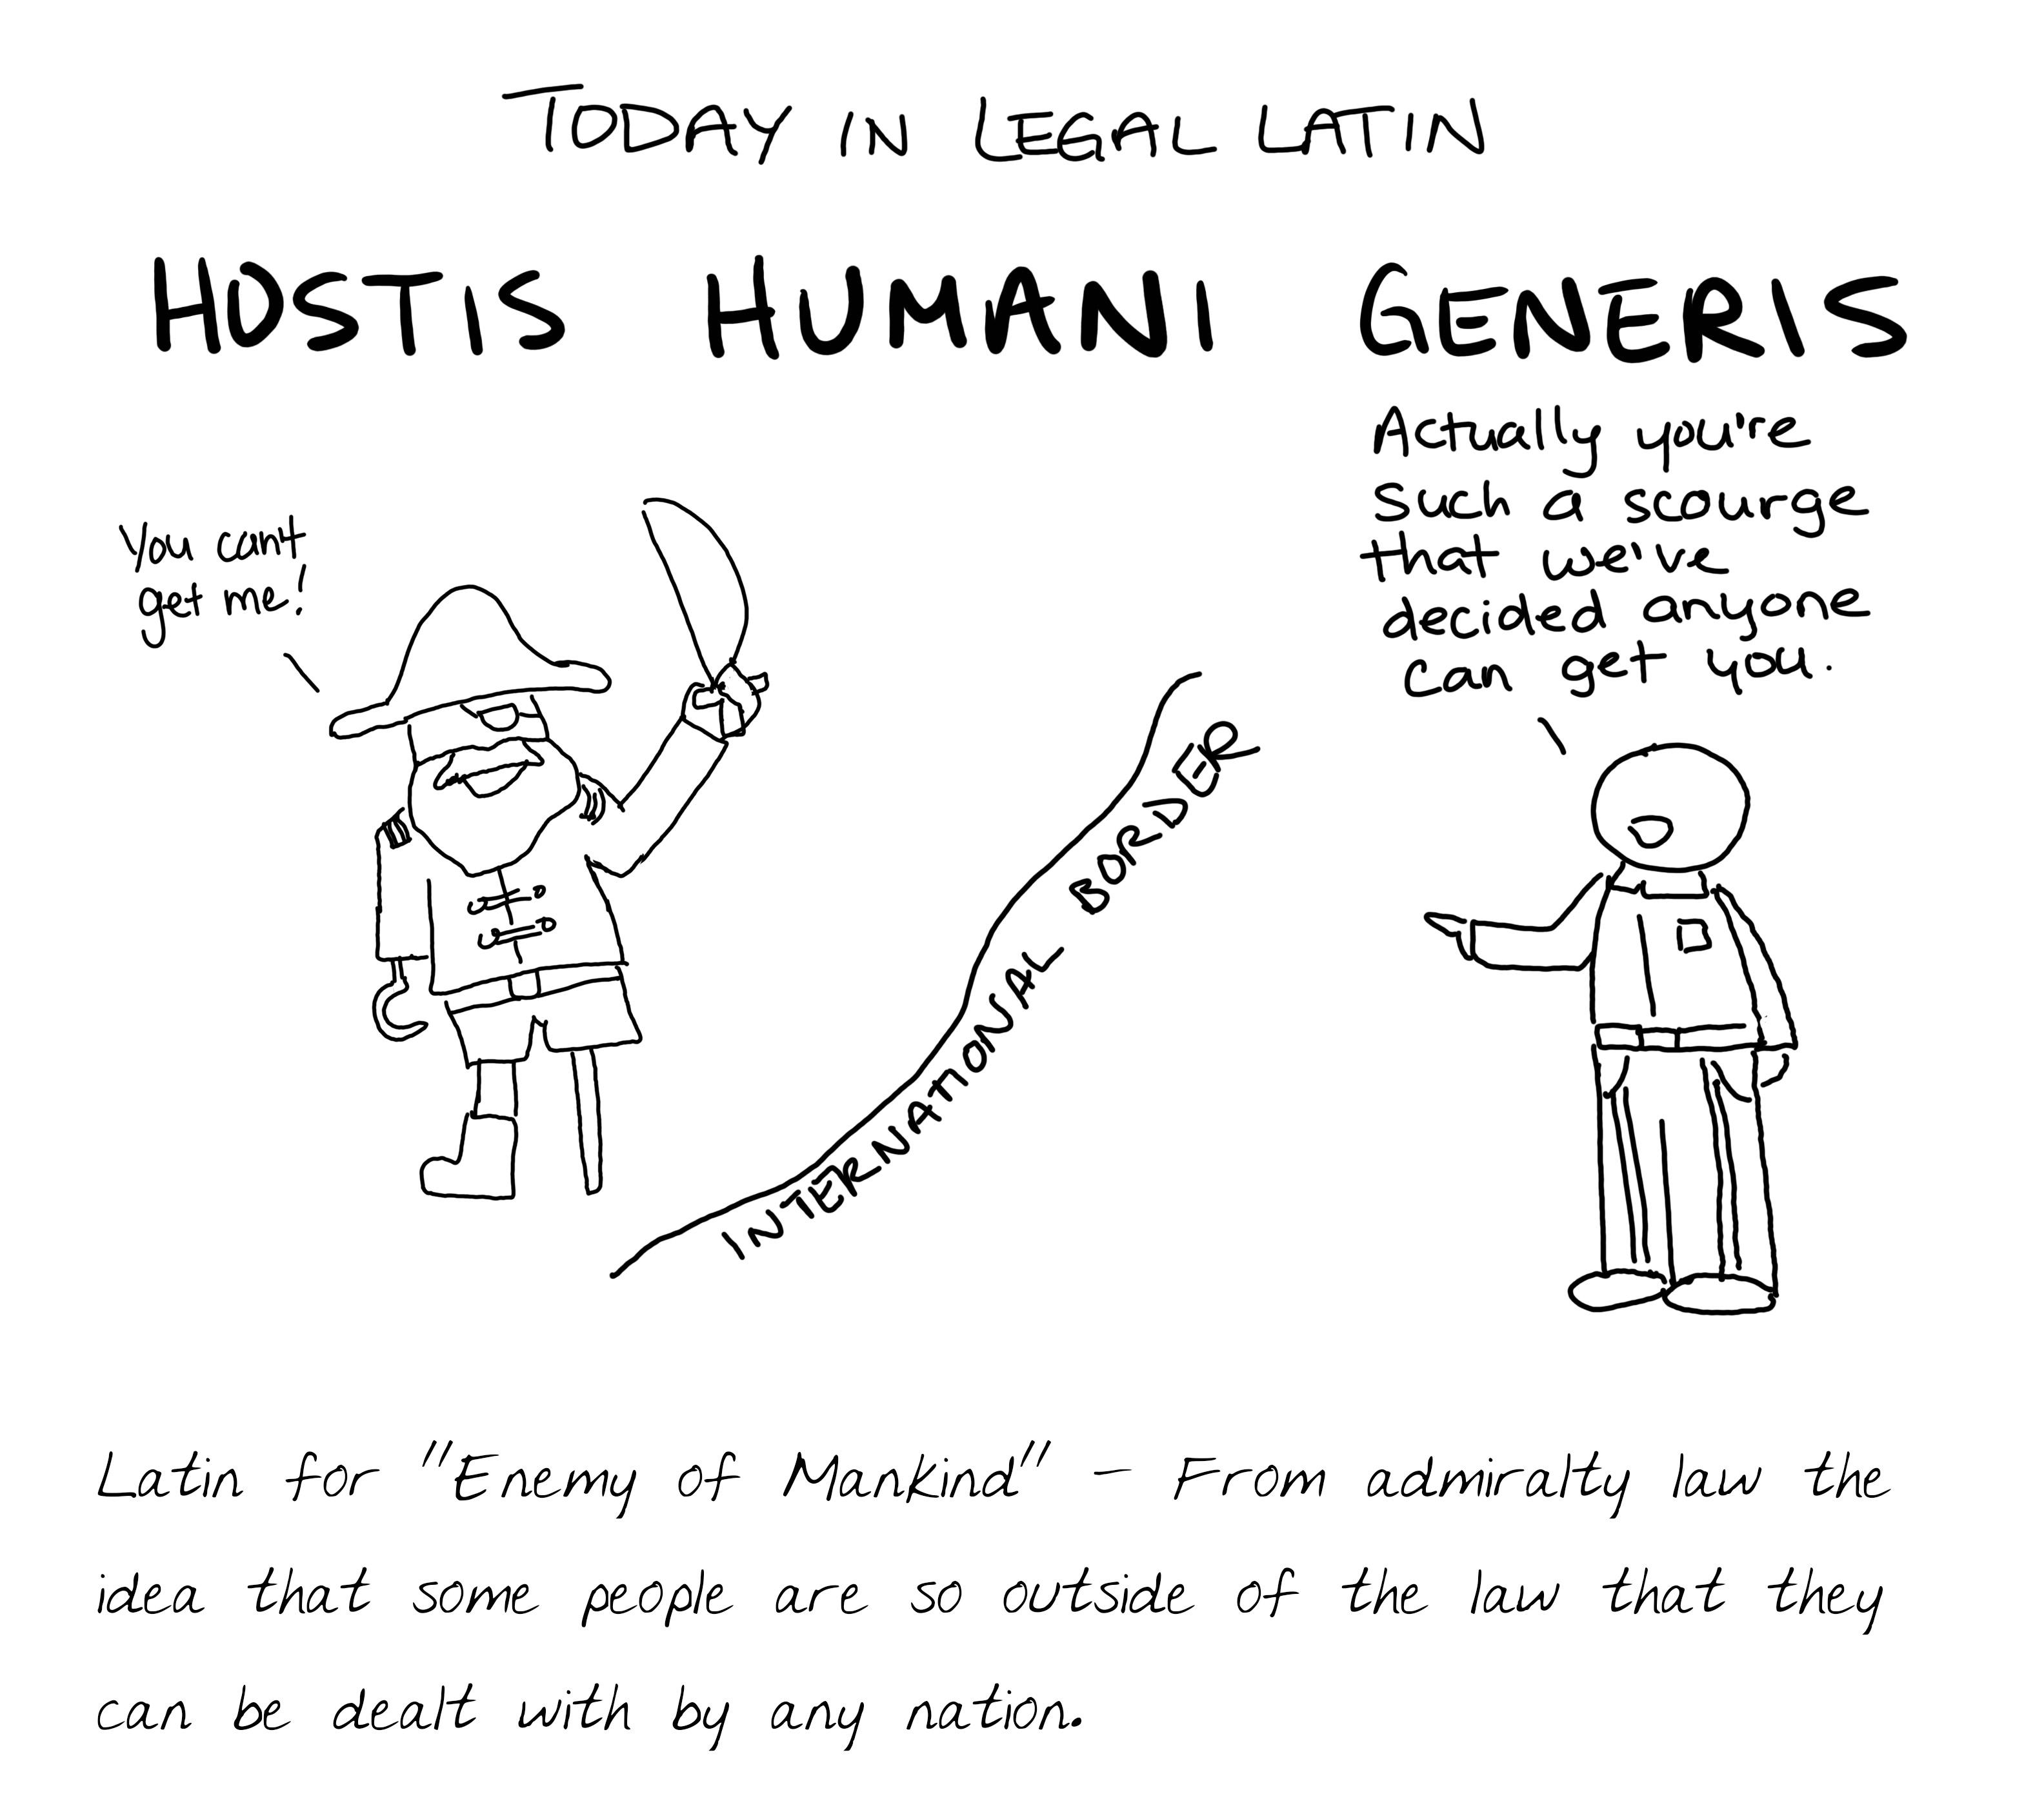 Hostis Humani Generis